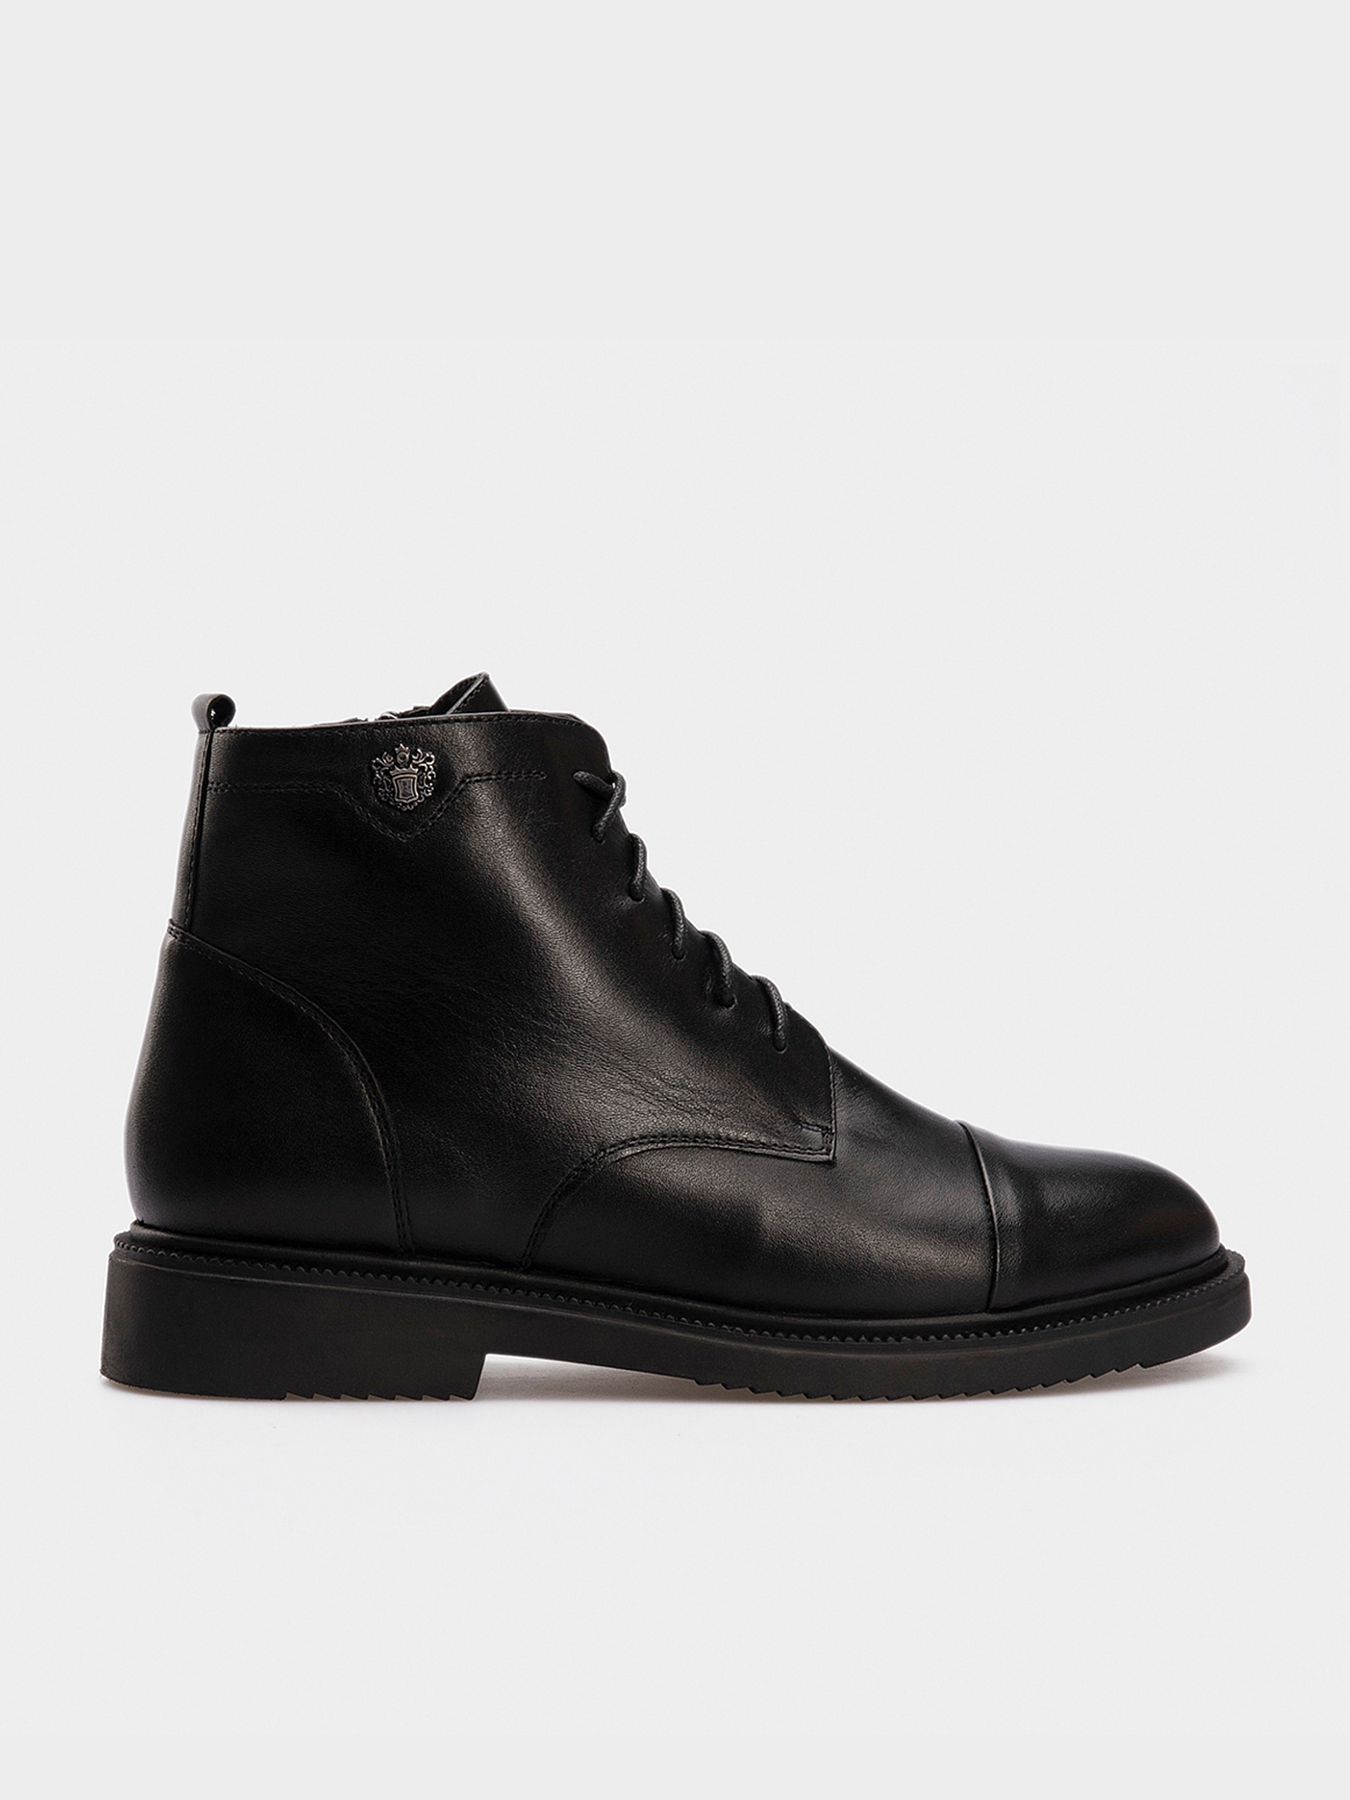 Черевики  жіночі Ботинки черная кожа. Байка 14500120 ціна взуття, 2017